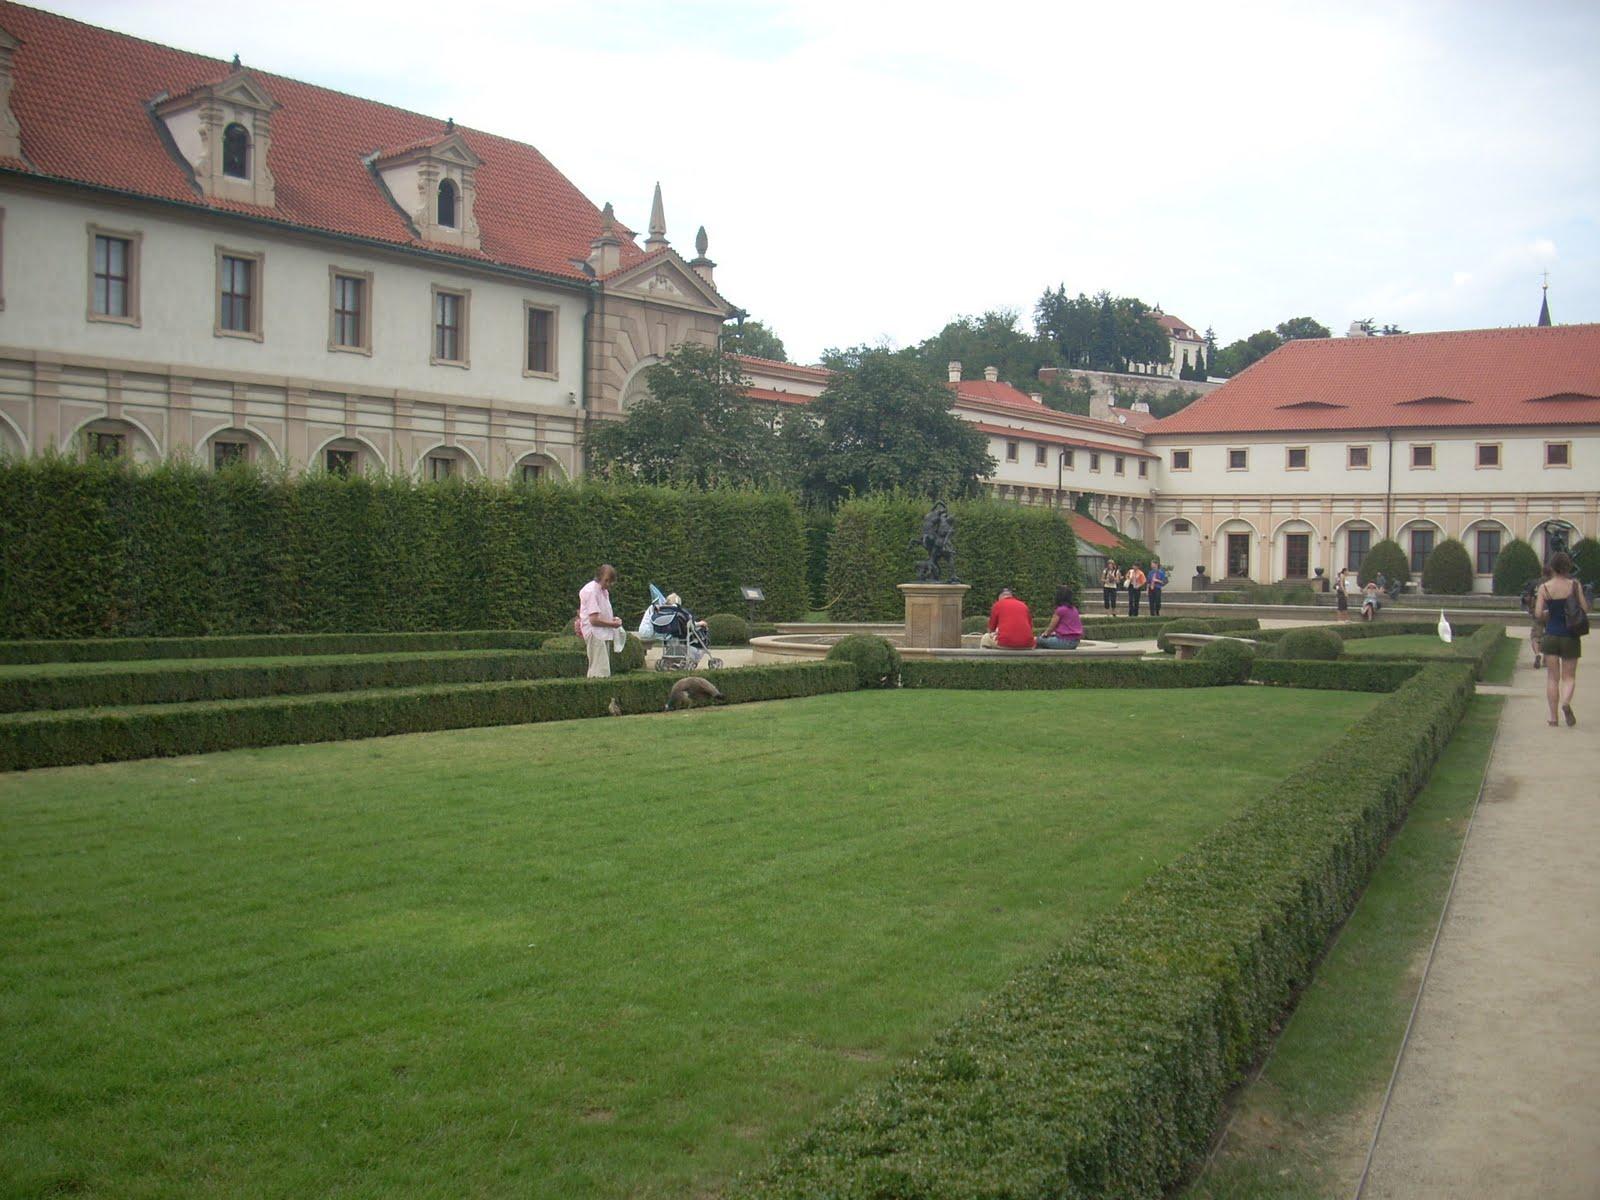 Giardini di palazzo wallenstein praga viaggi verde acido - I giardini di palazzo rucellai ...